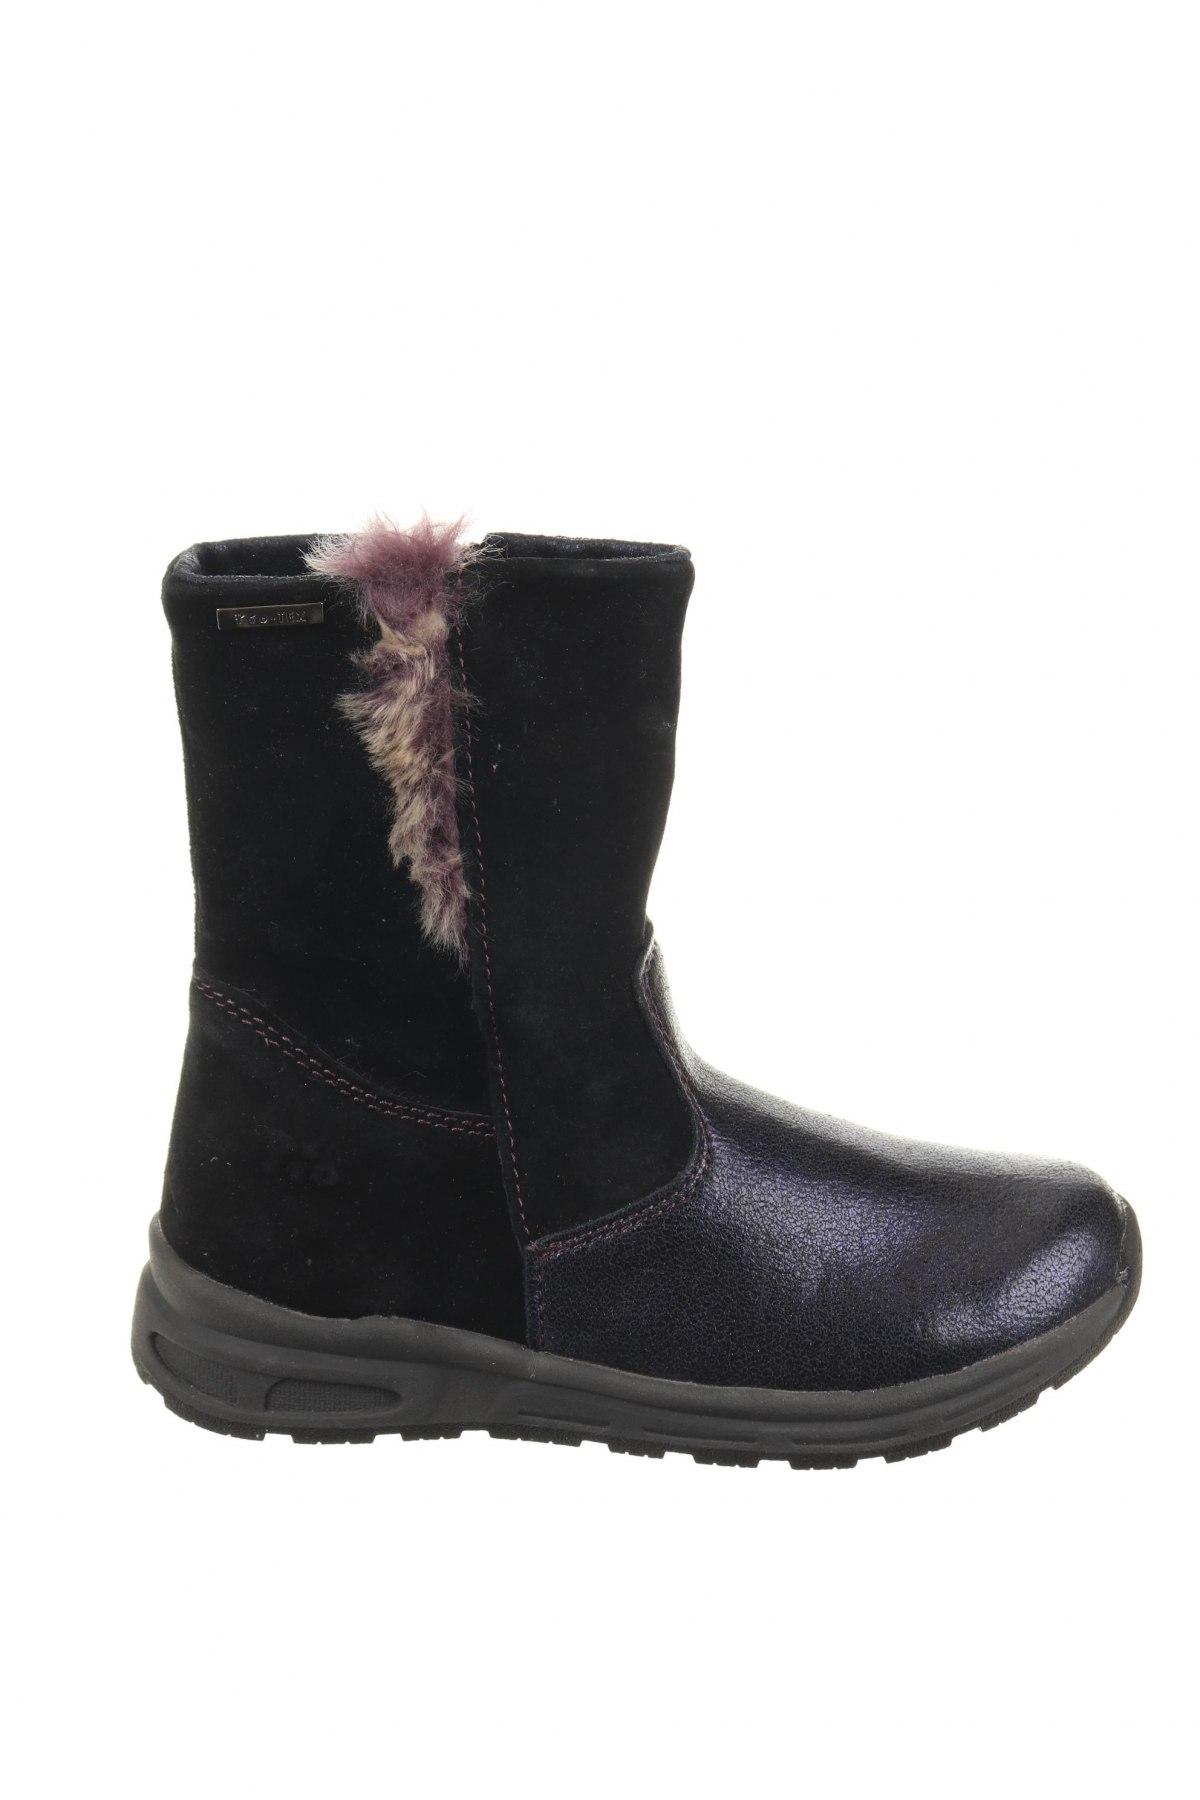 Παιδικά παπούτσια Pio, Μέγεθος 29, Χρώμα Μαύρο, Φυσικό σουέτ, δερματίνη, Τιμή 36,54€